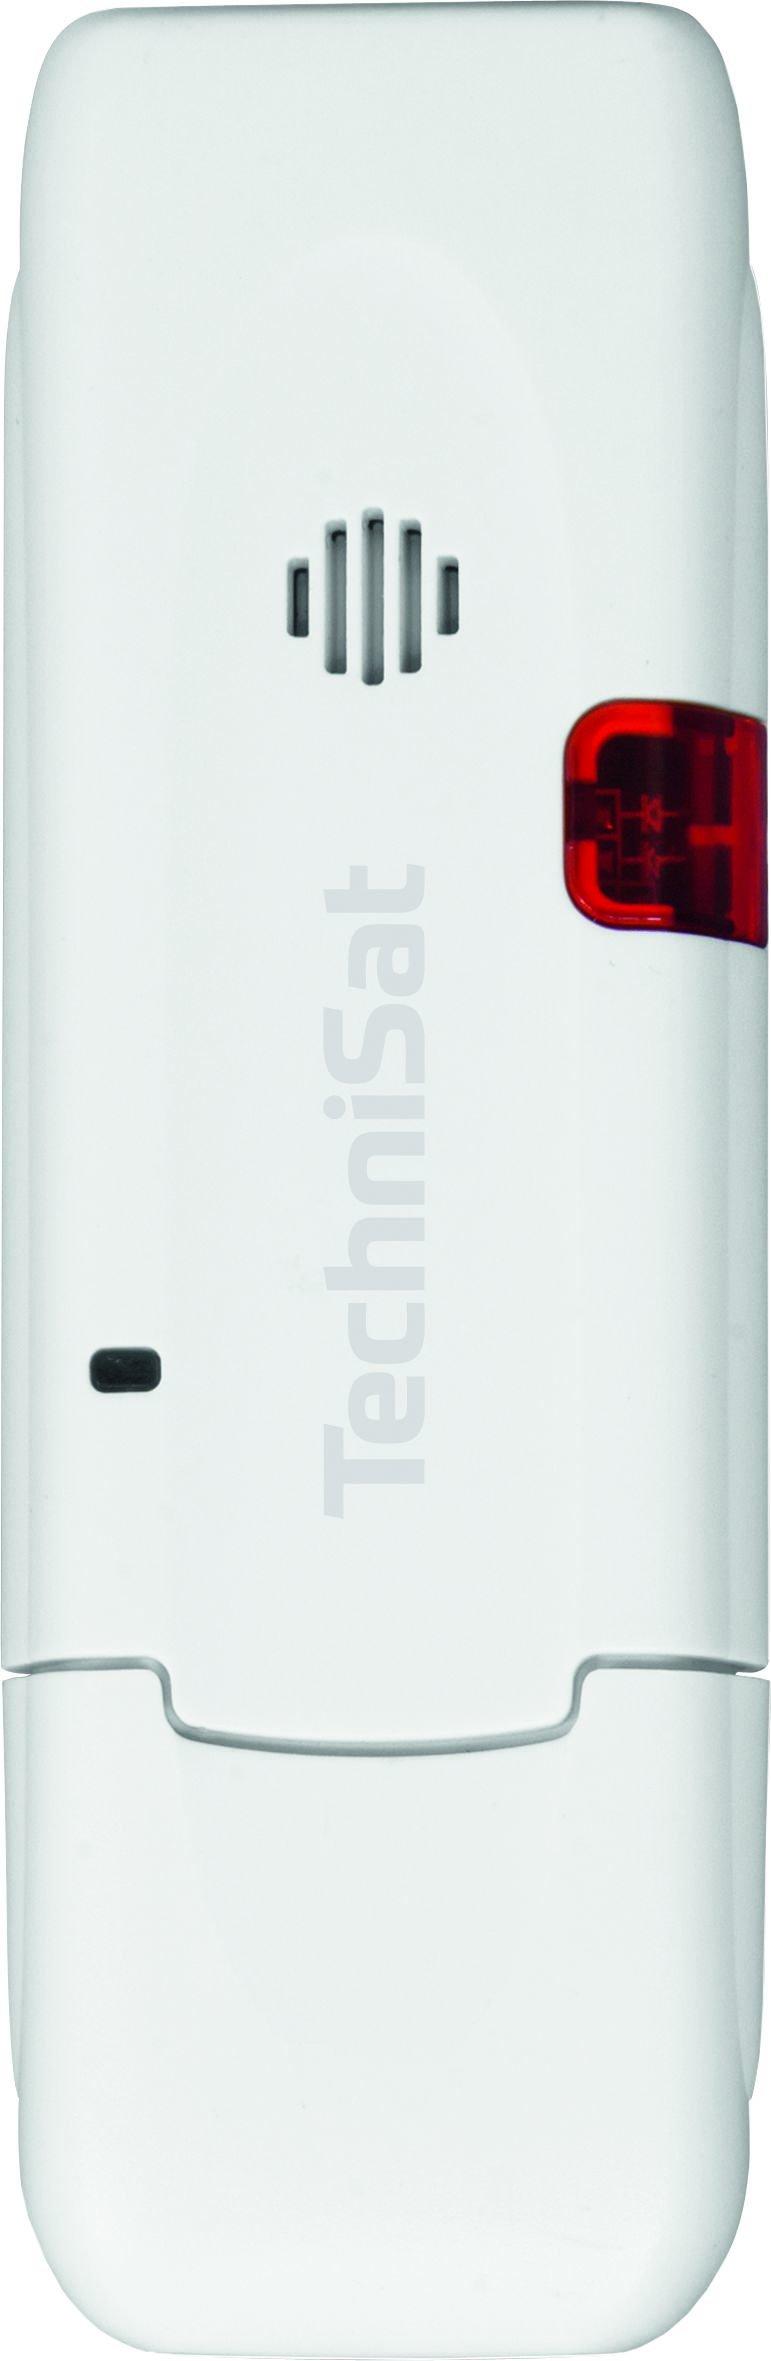 TechniSat-Z-Wave-Stick-1-Smart-Home-Steuerung-fr-Smart-TVs-und-Receiver-wei